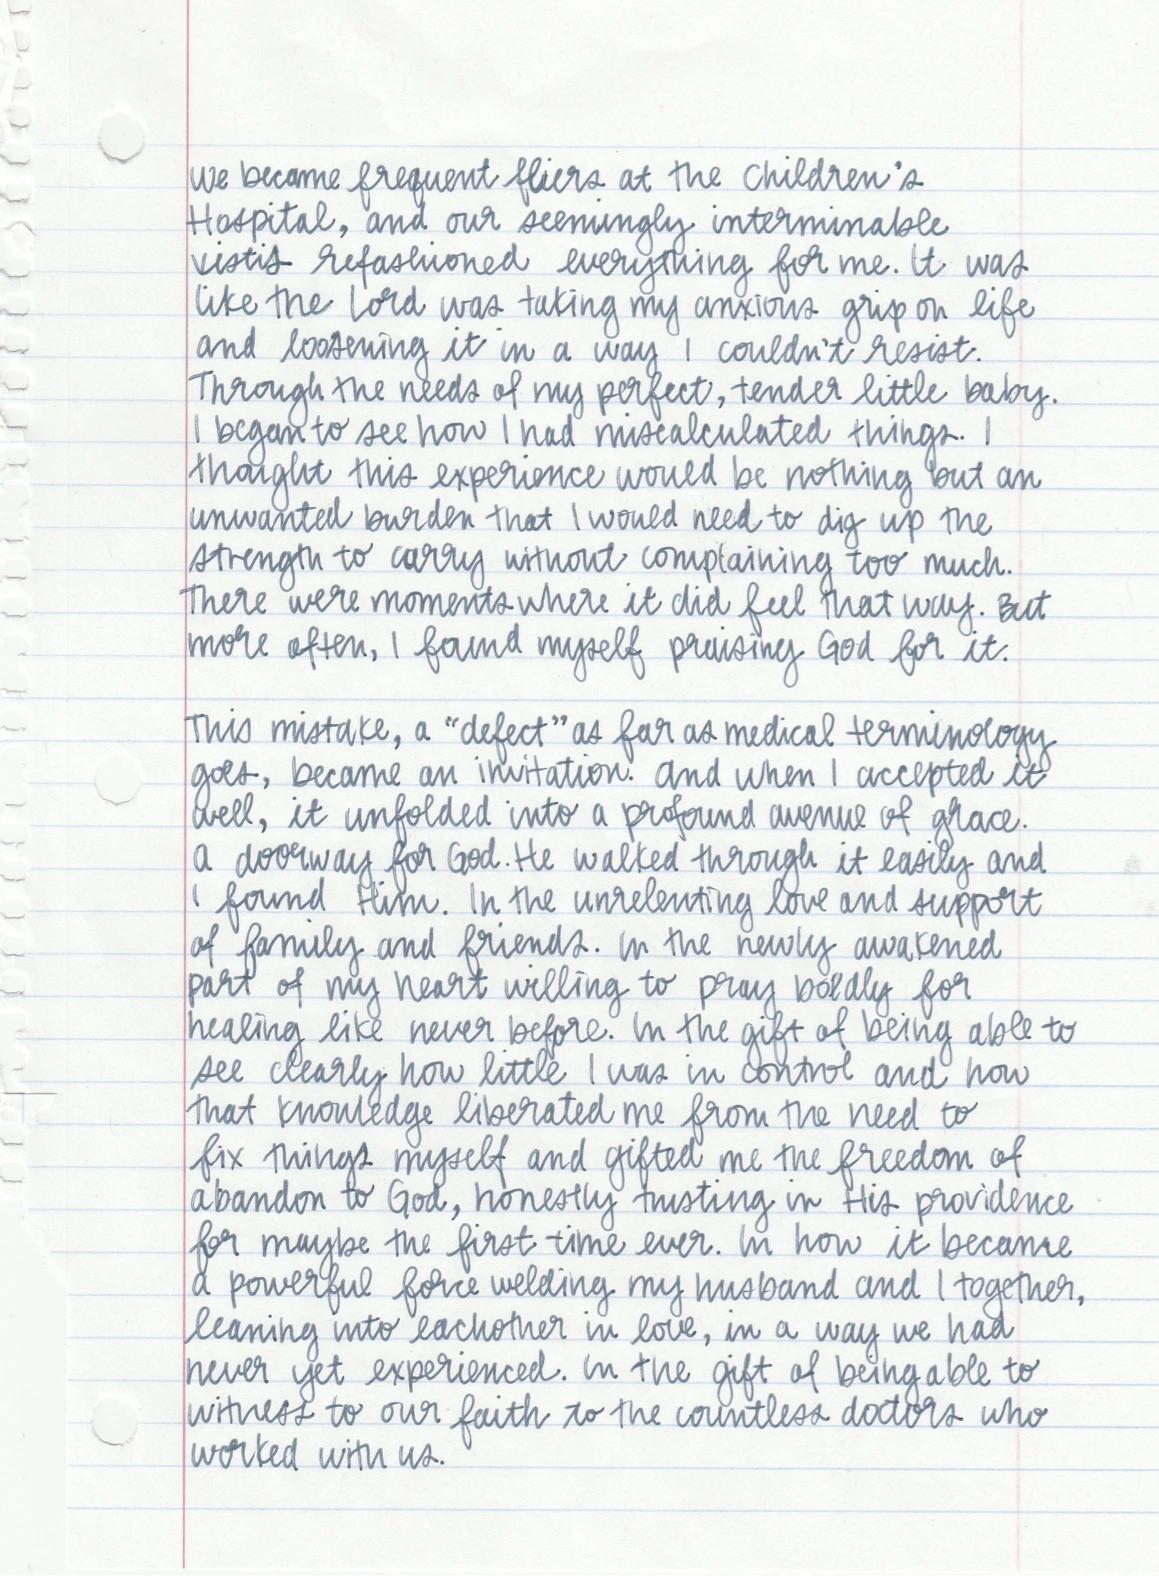 Written Letter4.jpg